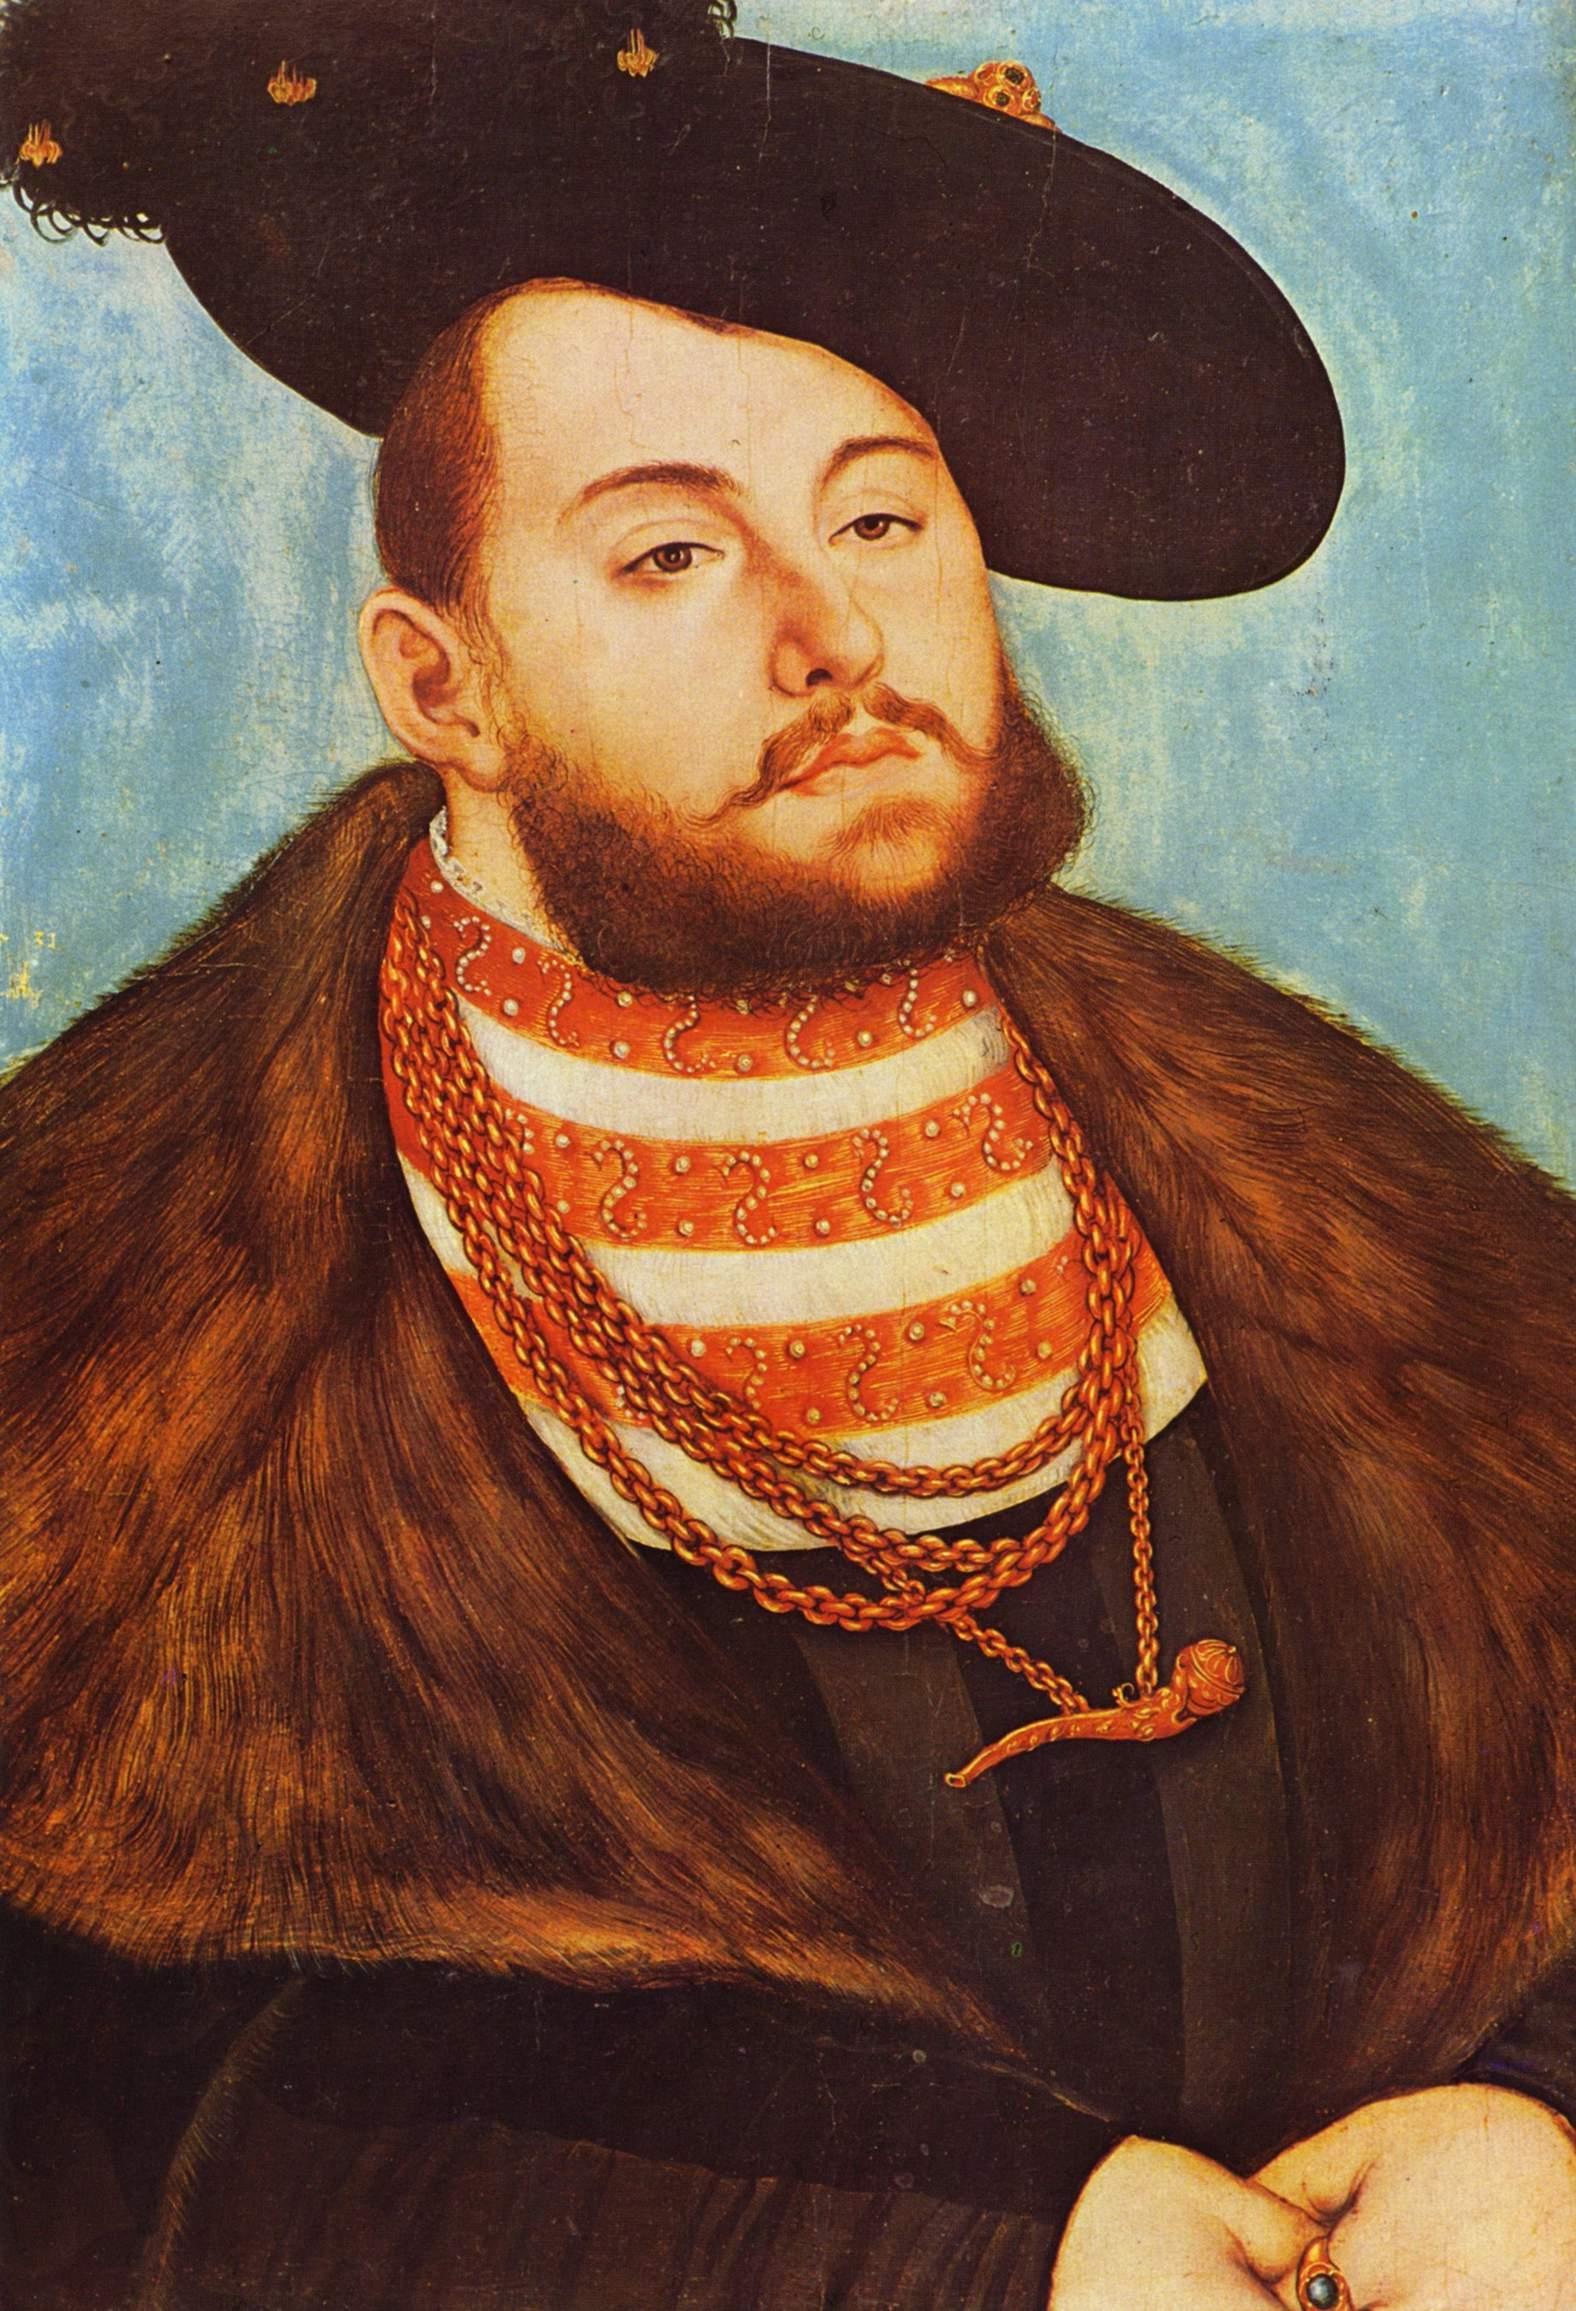 Портрет Иоанна Фридриха, курфюрста Саксонского, Лукас Кранах Старший